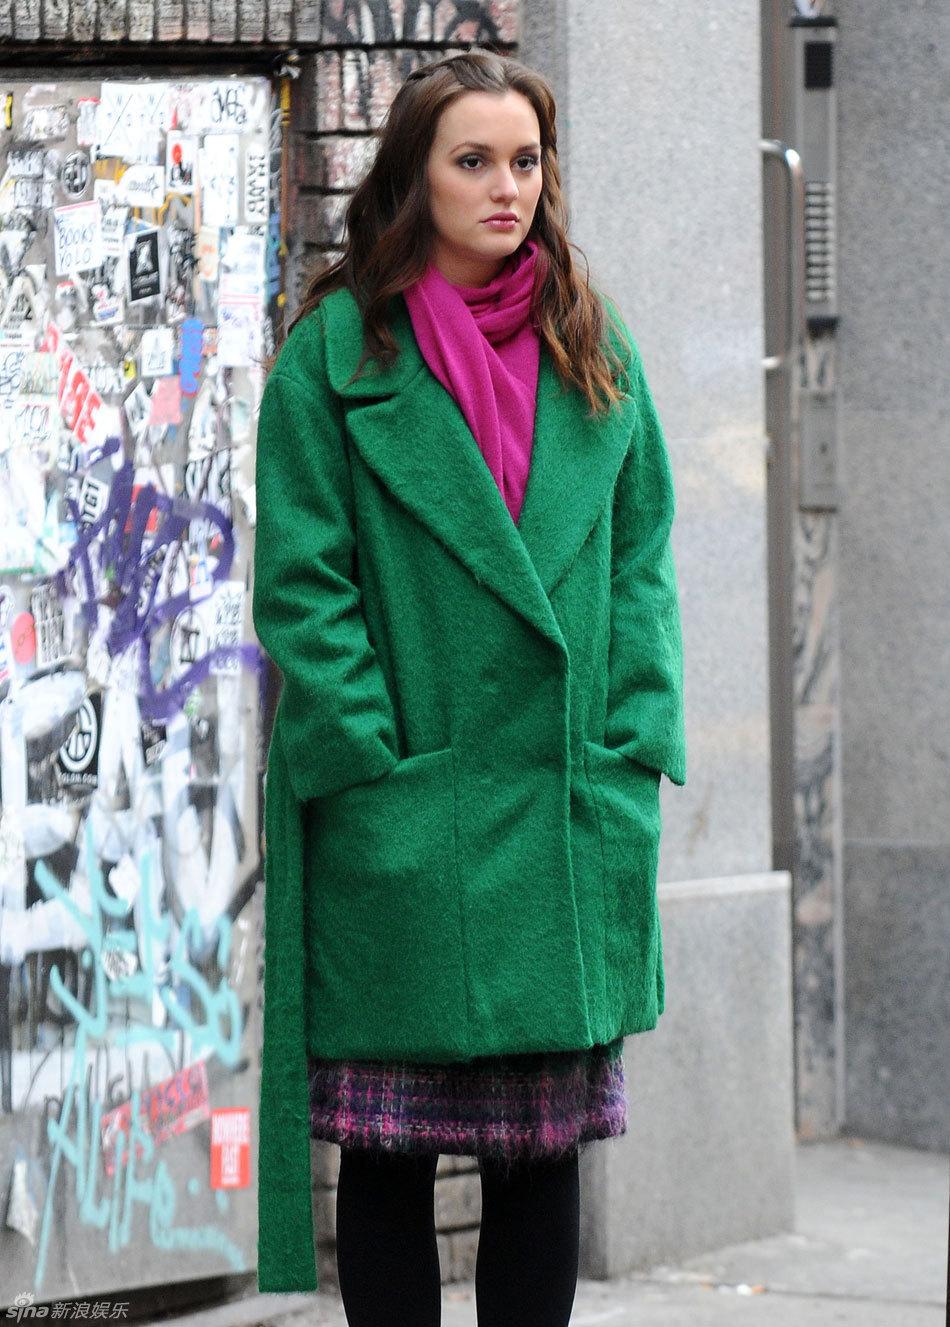 大衣搭配桃红围巾